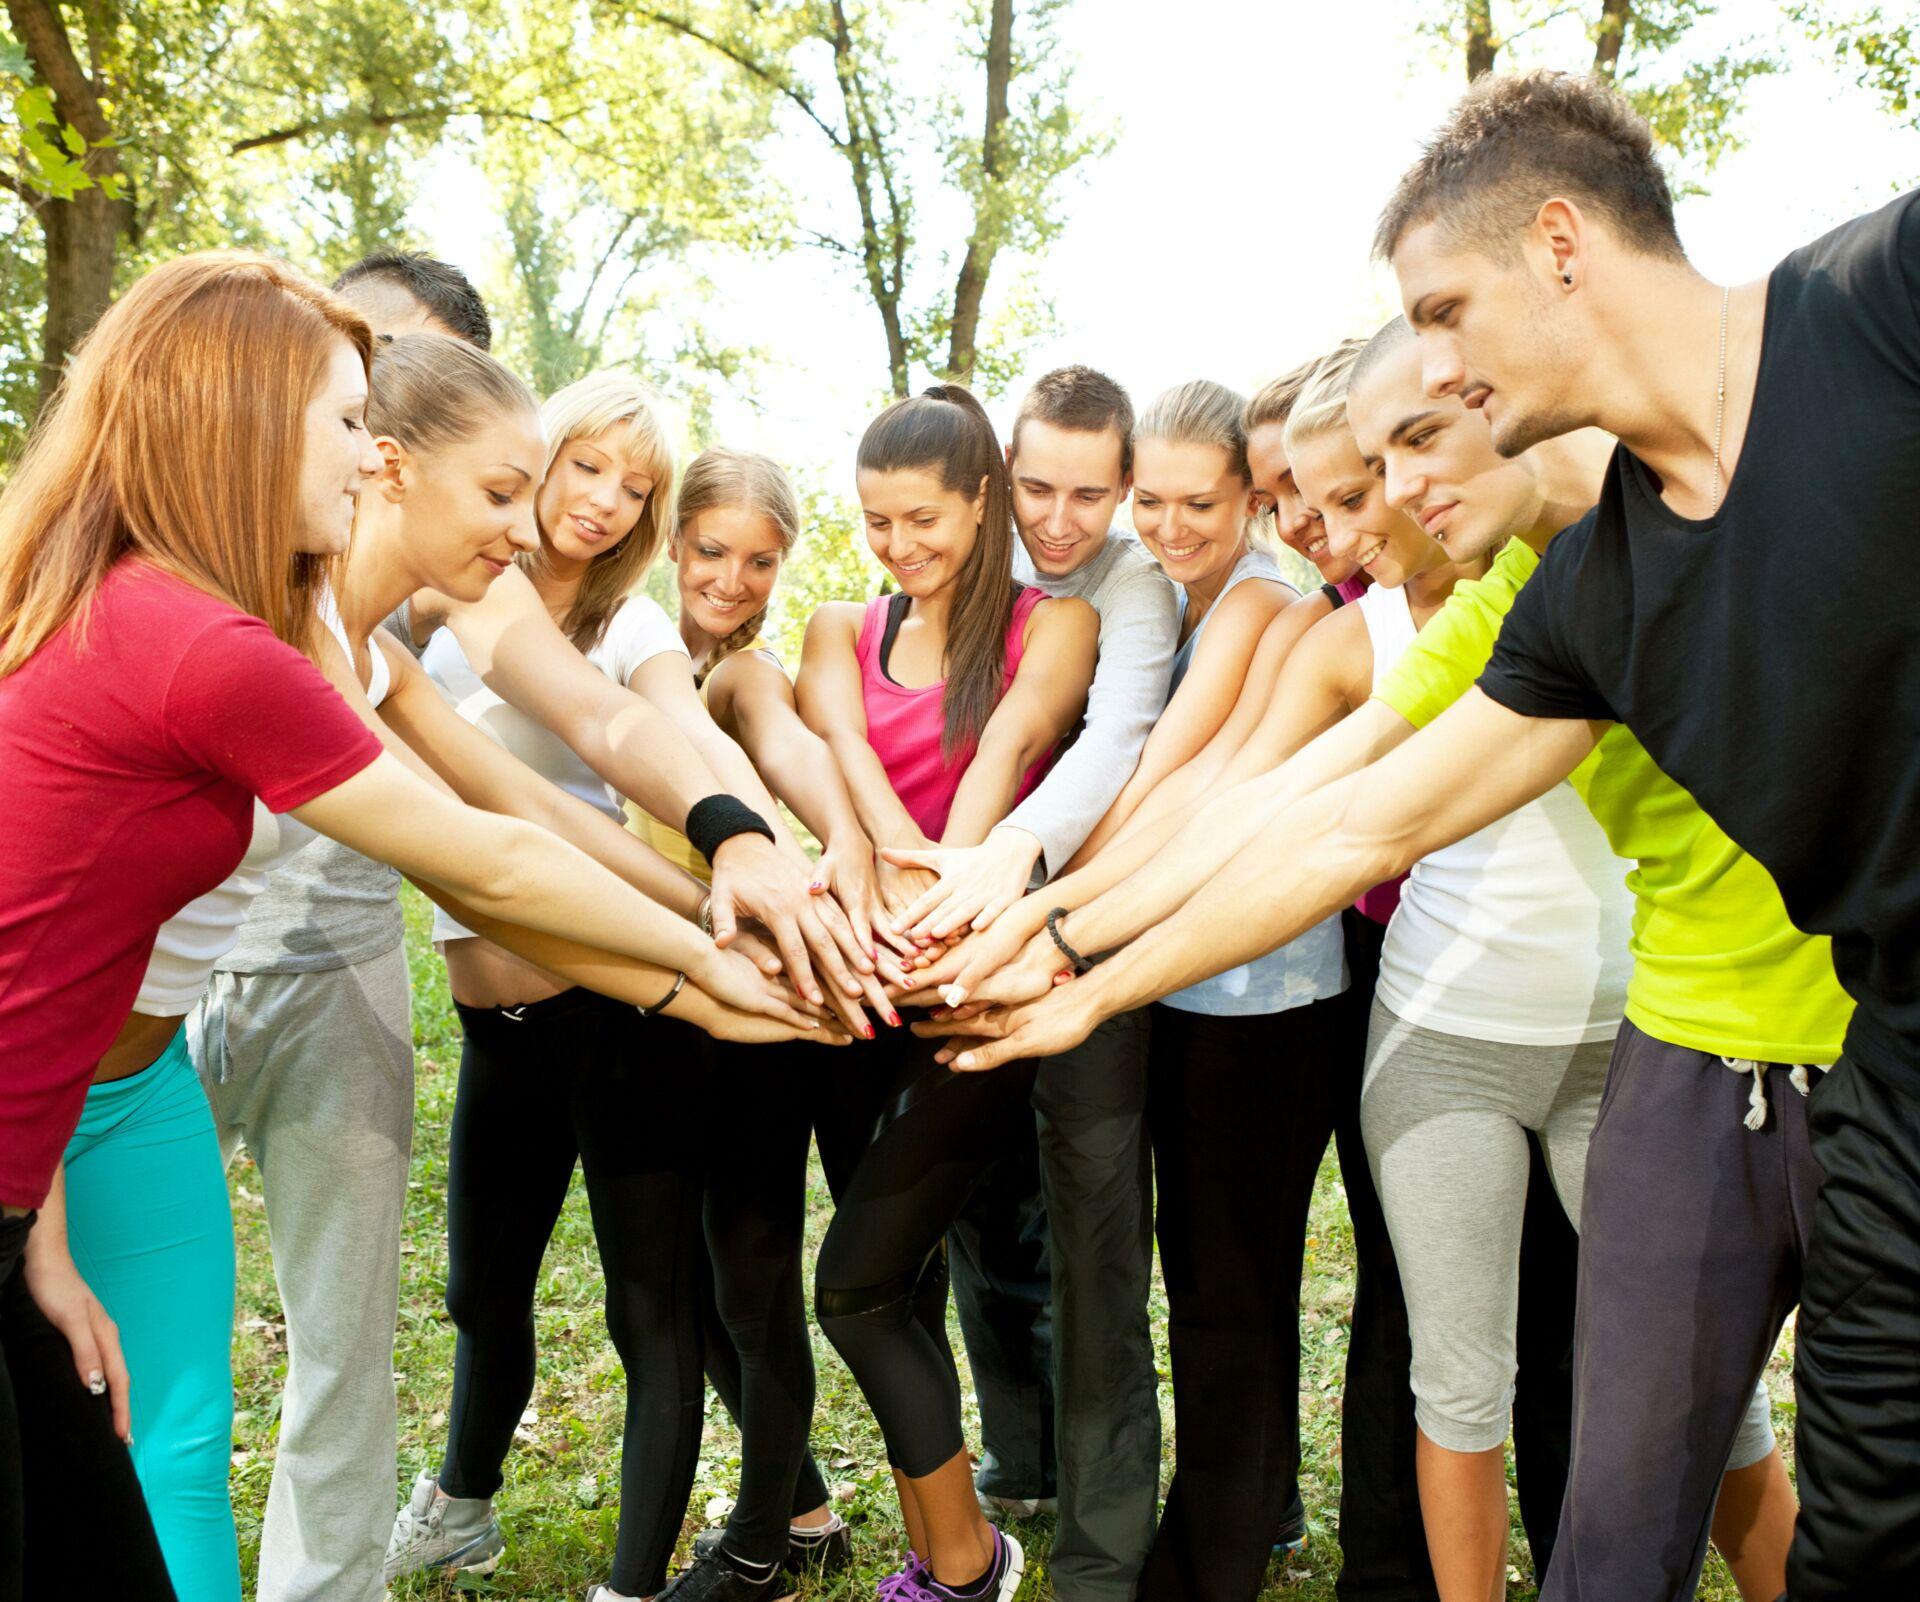 Gruppenspiele Klassenfahrt